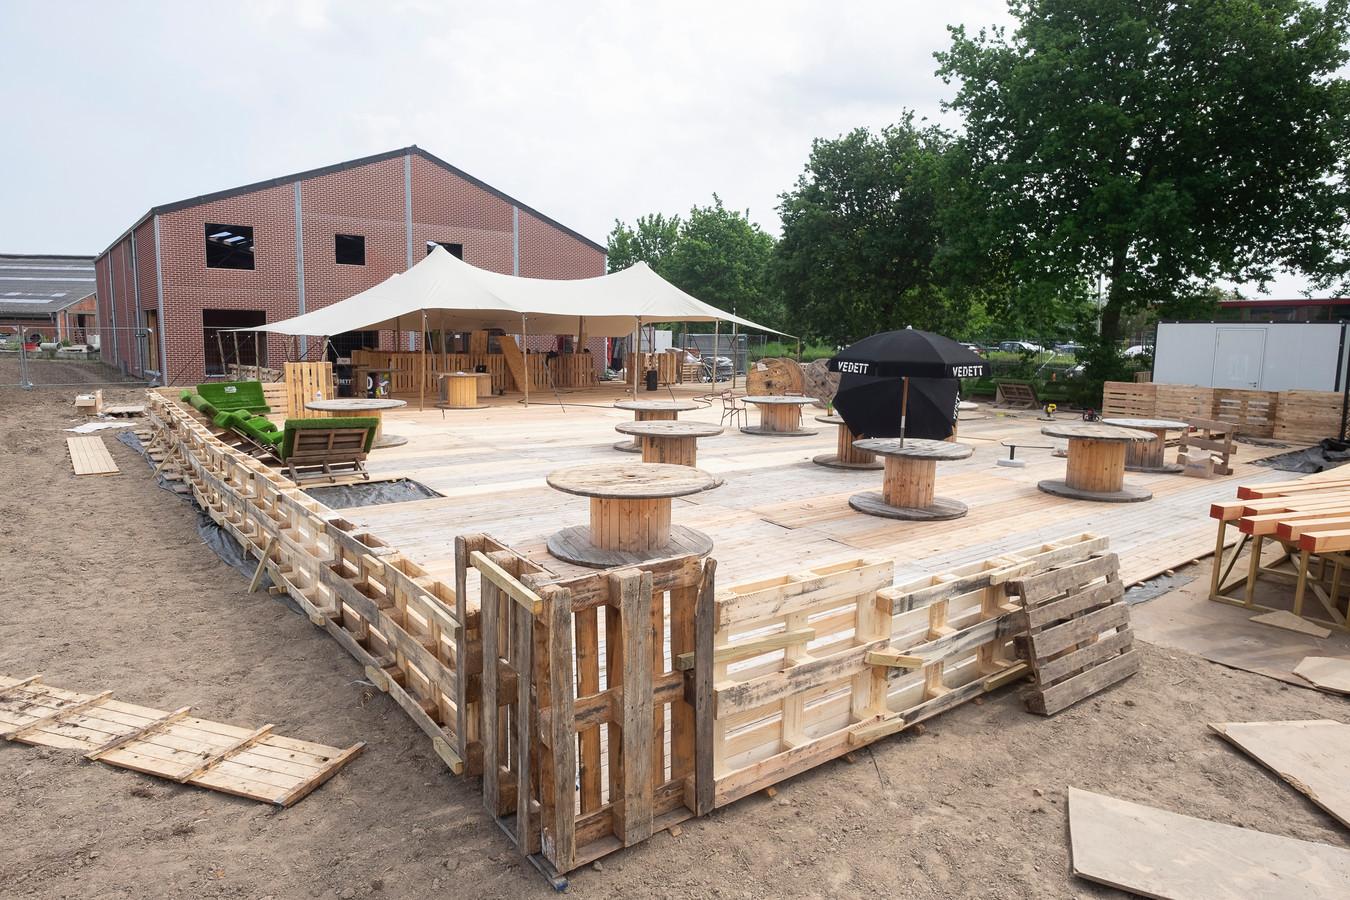 De opbouw van de zomerbar.